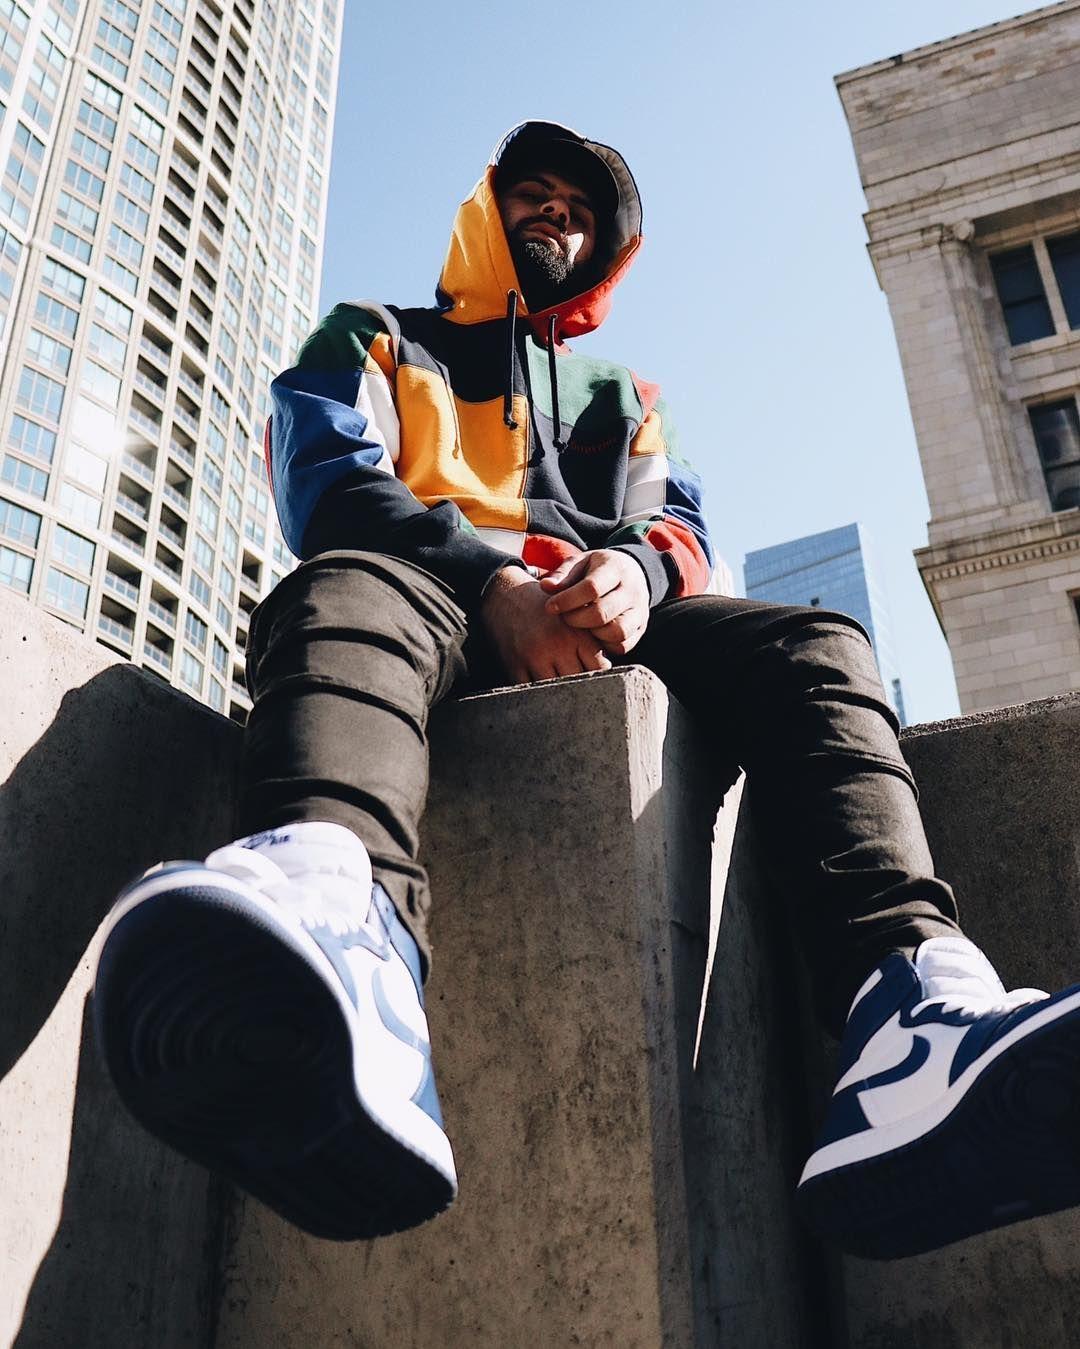 Qias Omar in Supreme Patchwork Hoodie /// Air Jordan 1